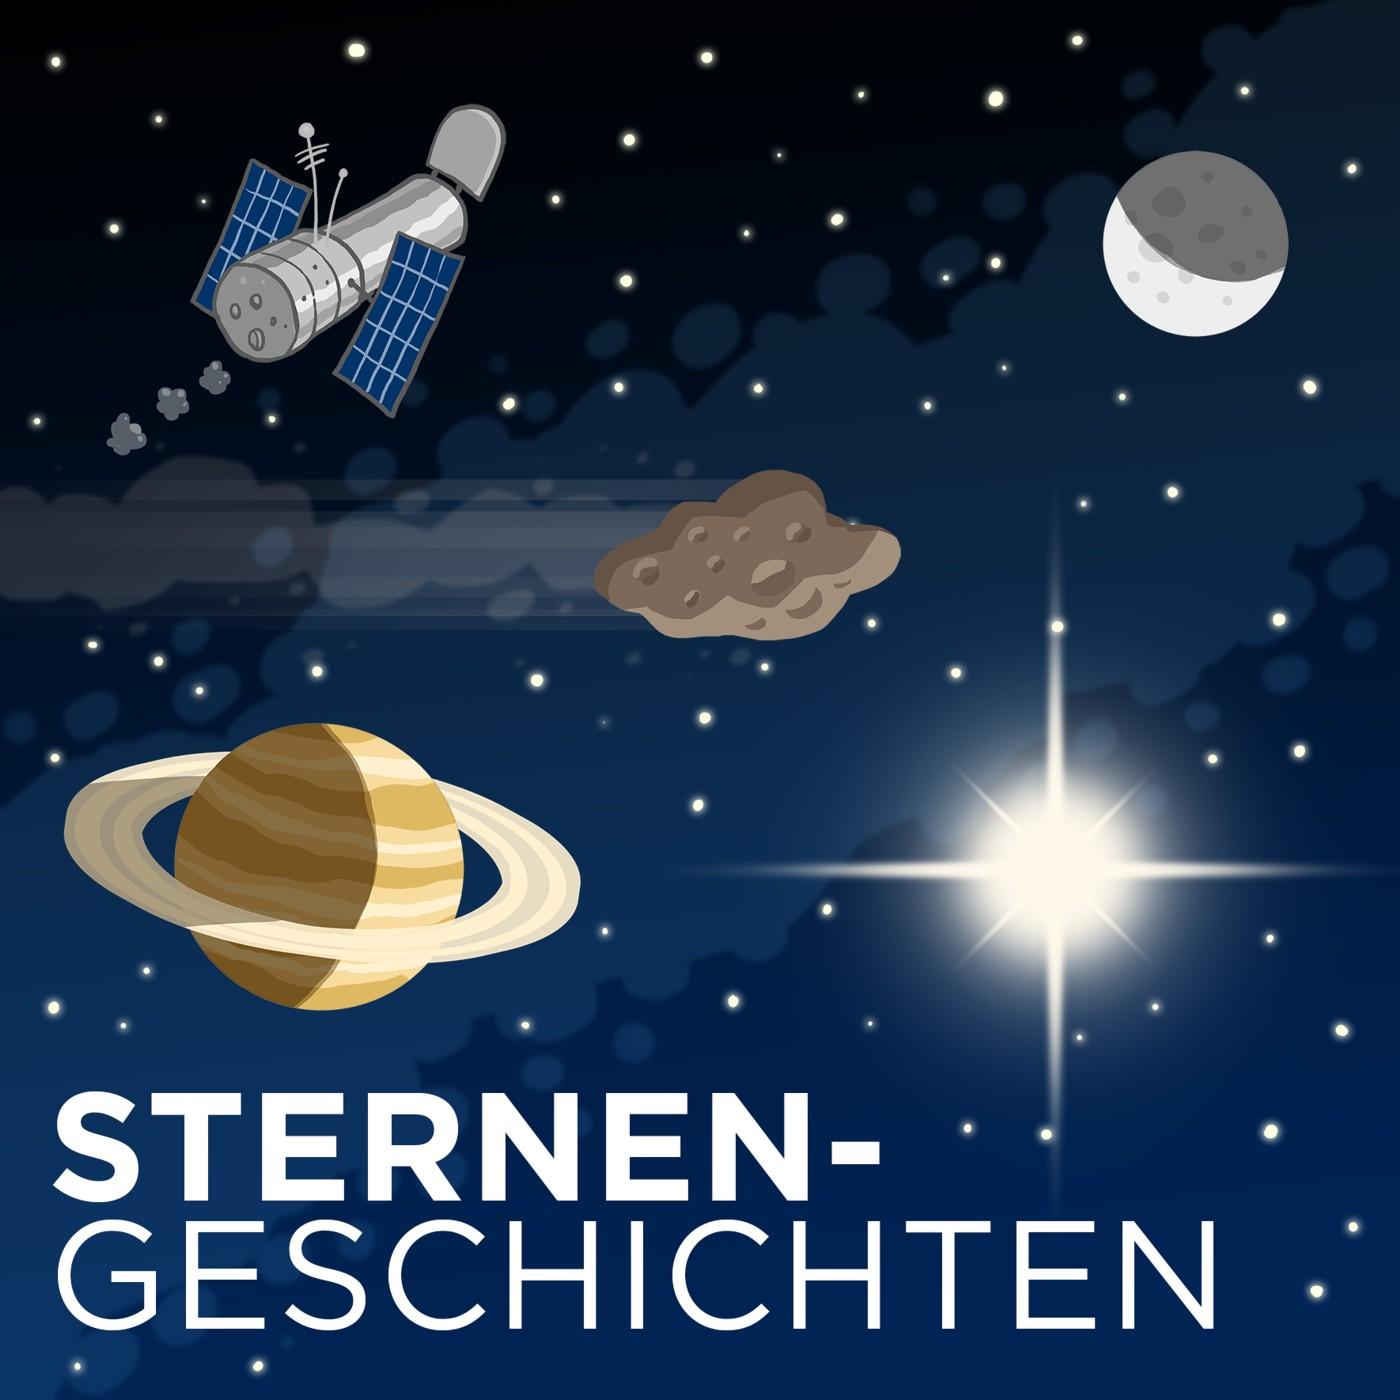 Sternengeschichten Folge 364: Tokamak und Stellarator - Wie man Kenrfusionsreaktoren baut